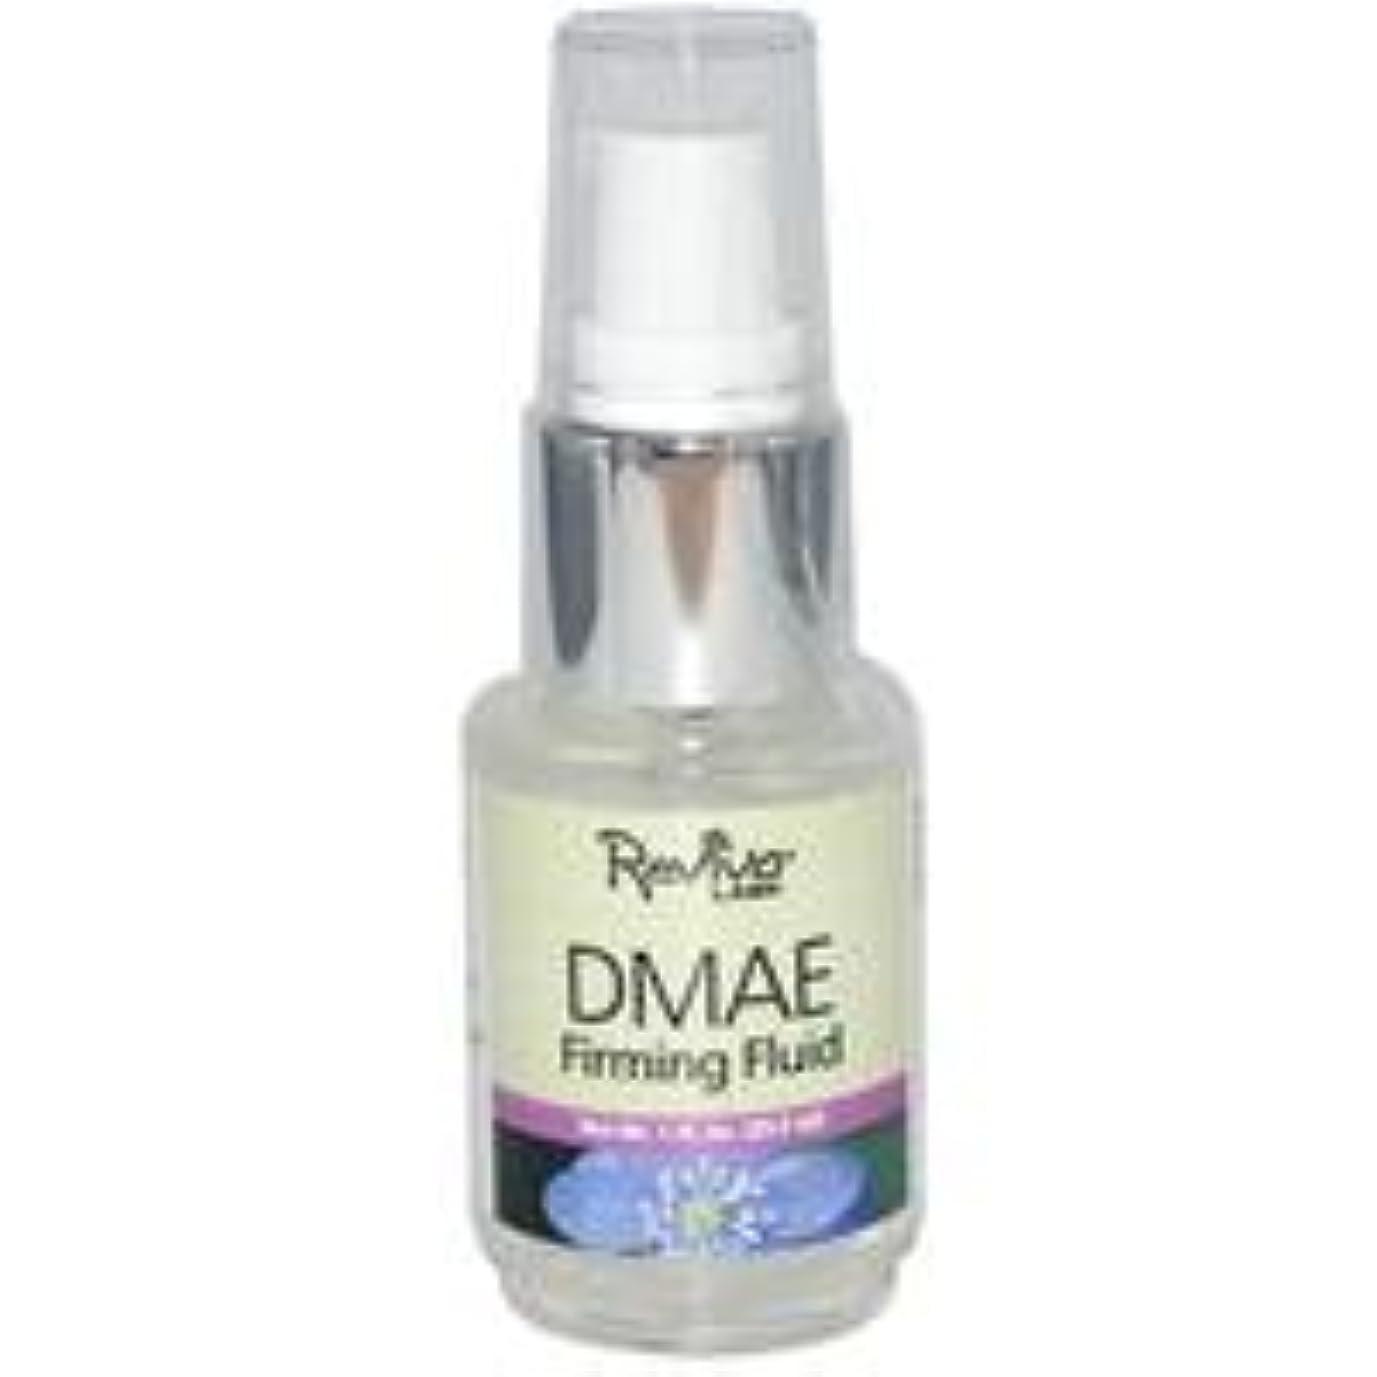 を除く最終海峡[海外直送品] レビバ(Reviva) DMAE ファーミングフルイド(DMAE配合ジェル状美容液) 30ml